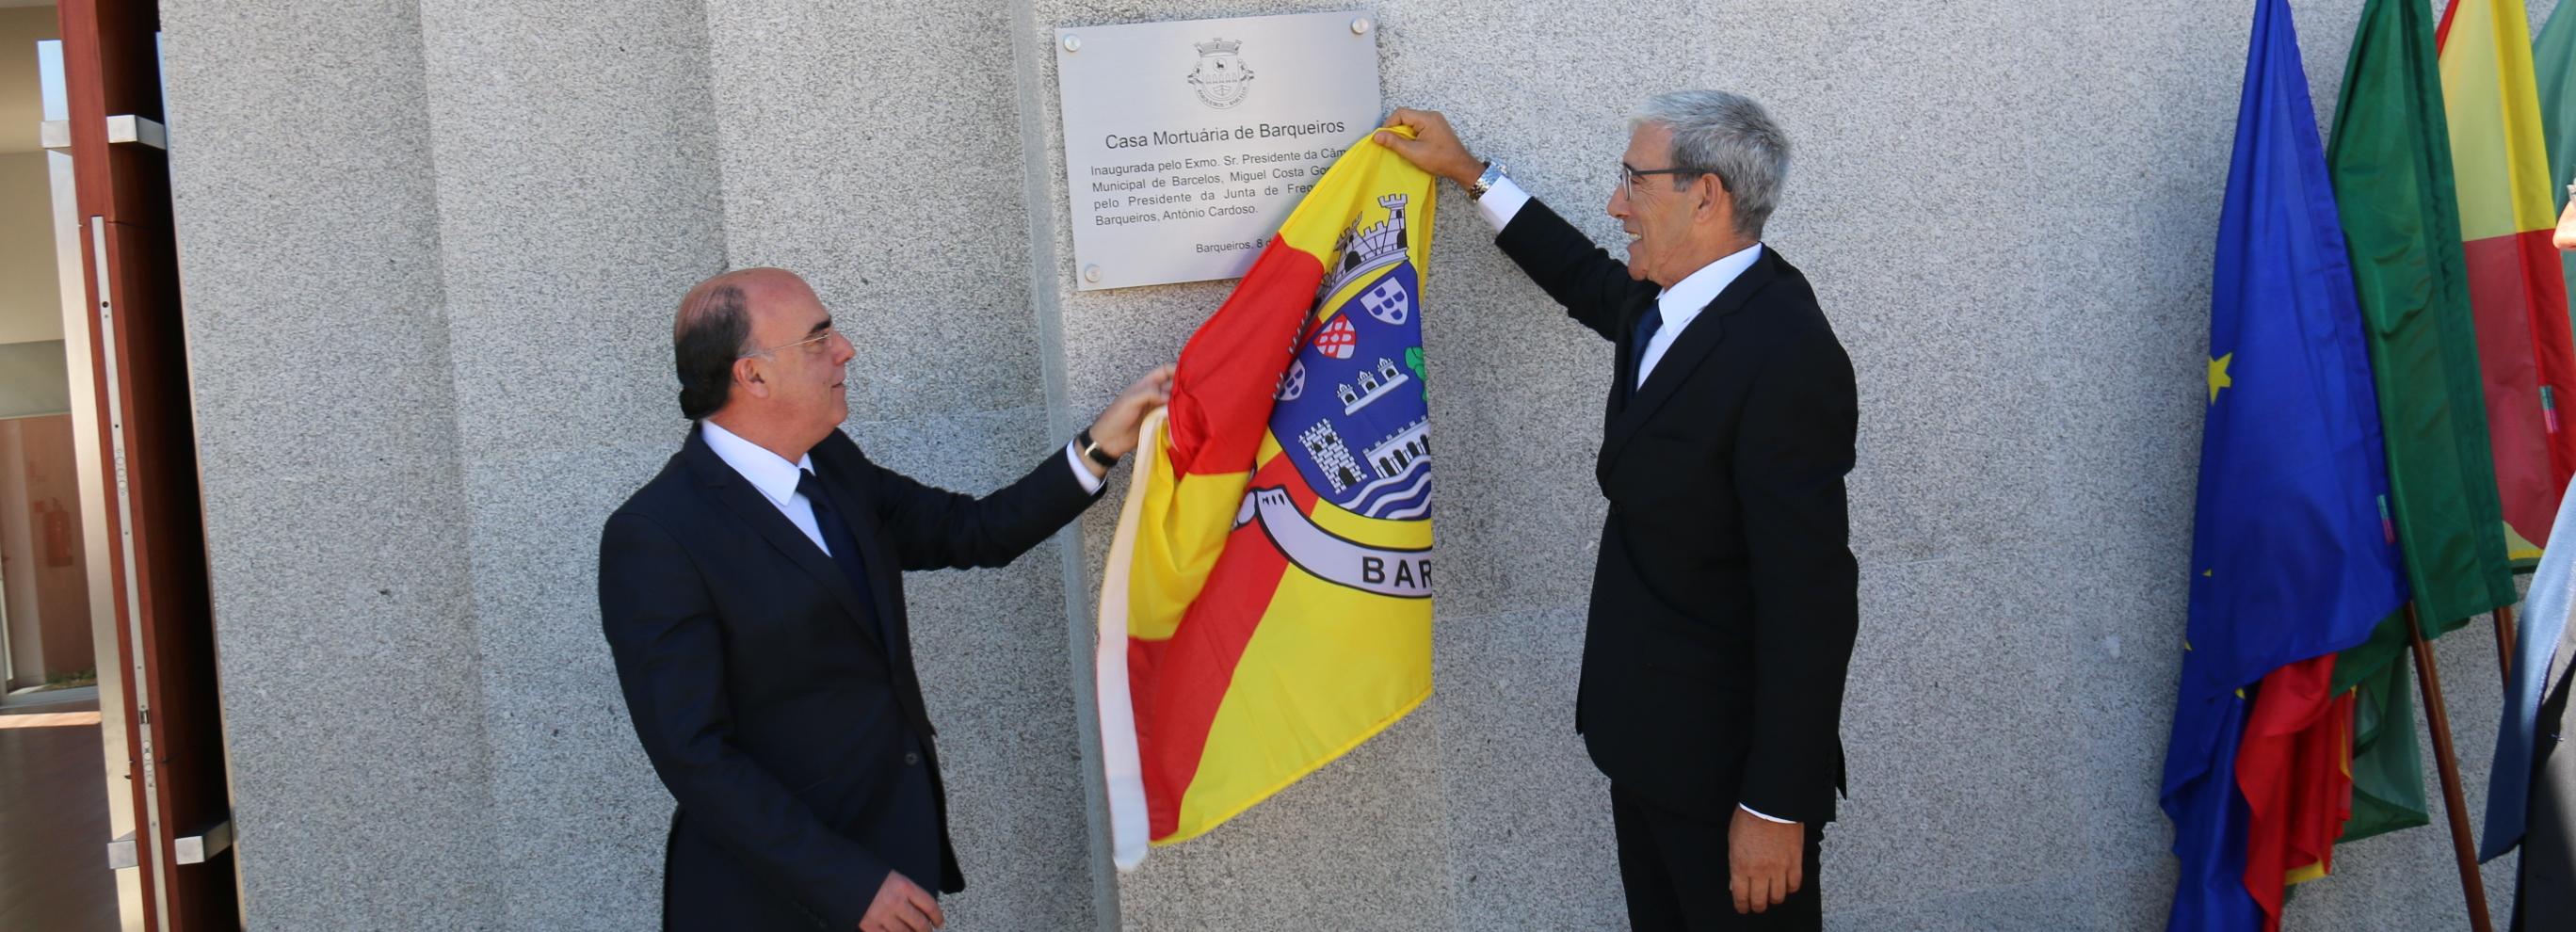 Presidente da Câmara inaugurou Casa Mortuária de Barqueiros